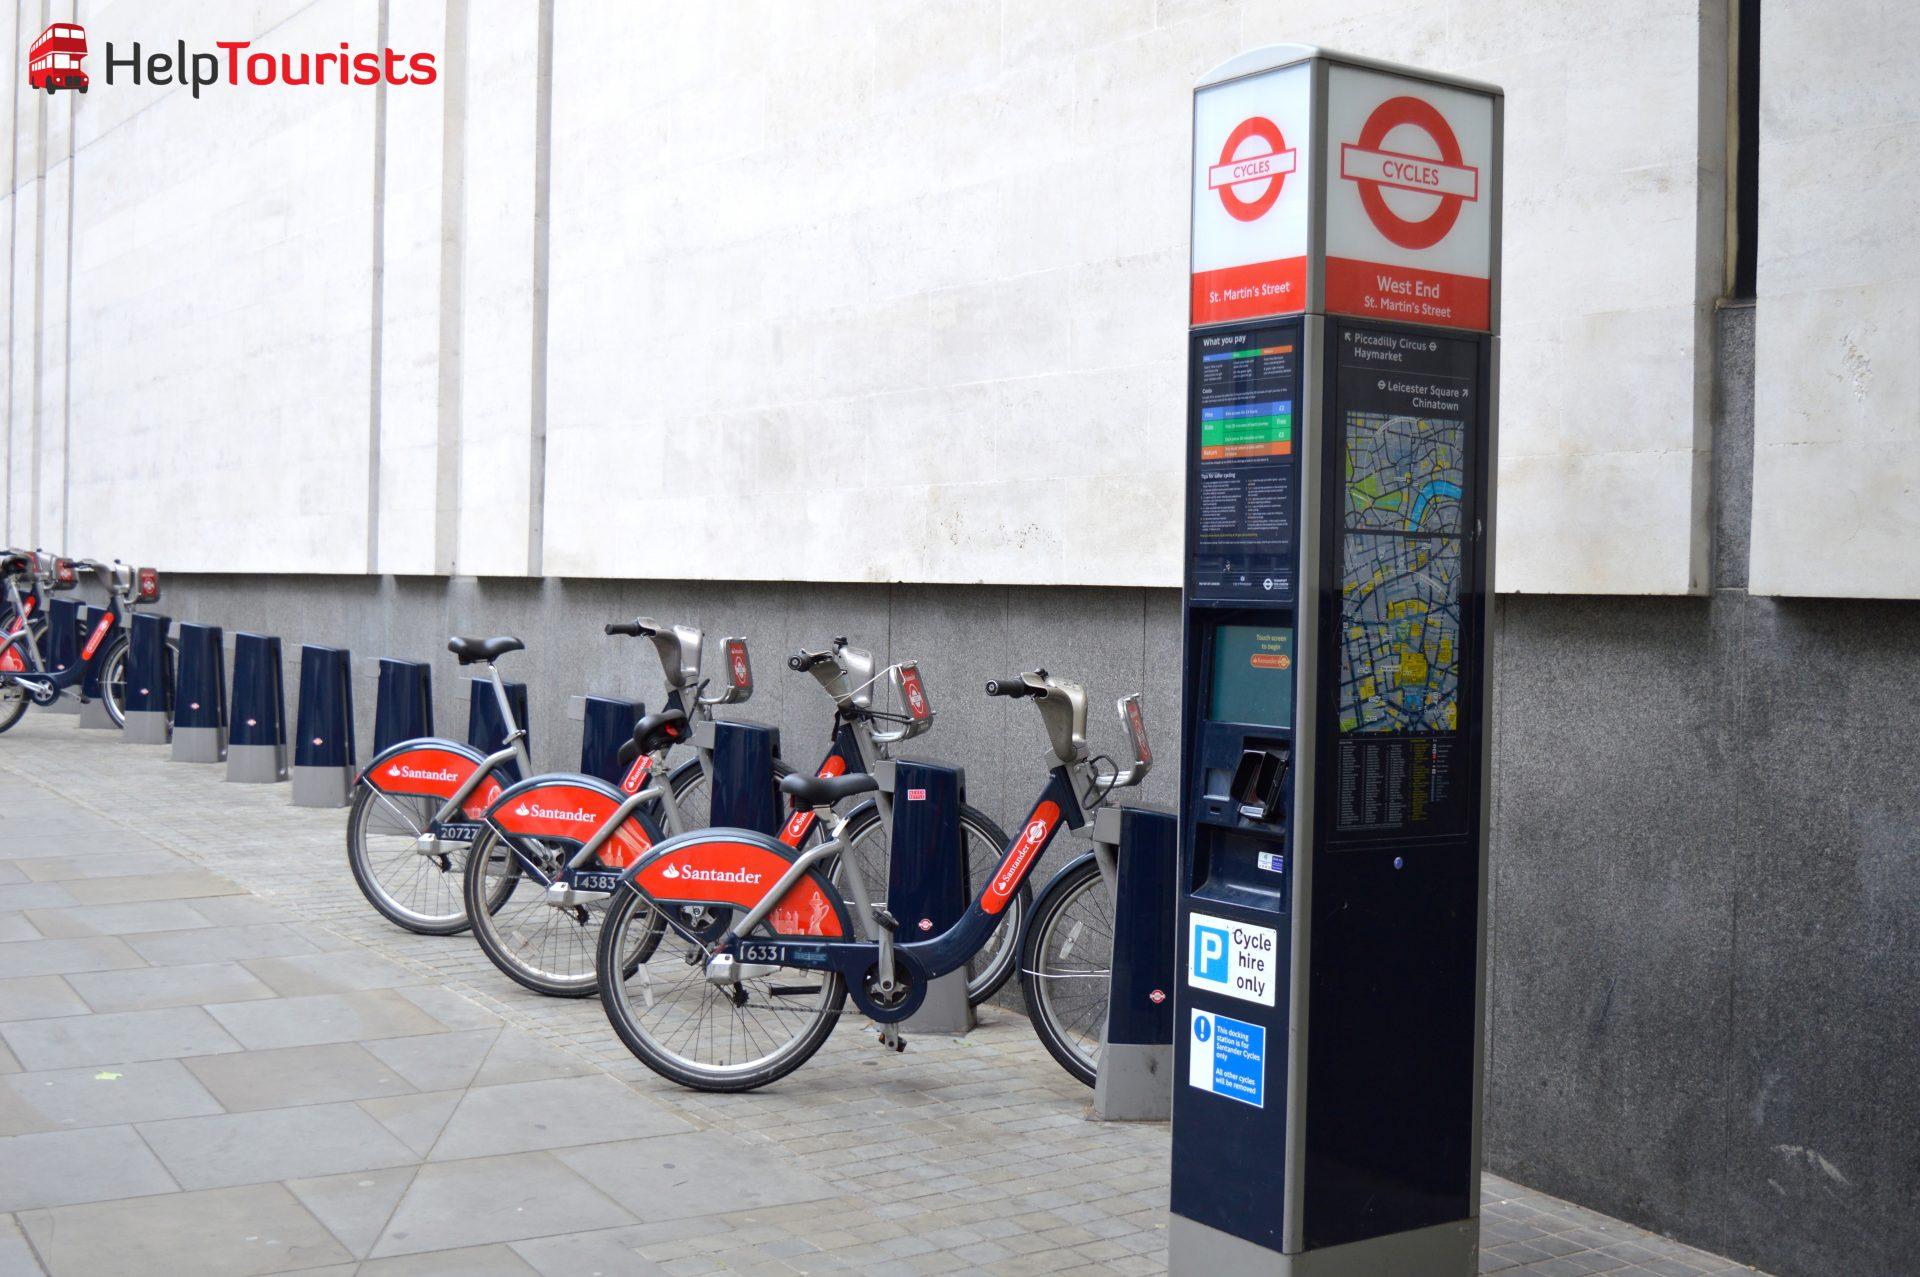 Santander Fahrräder ausleihen in London